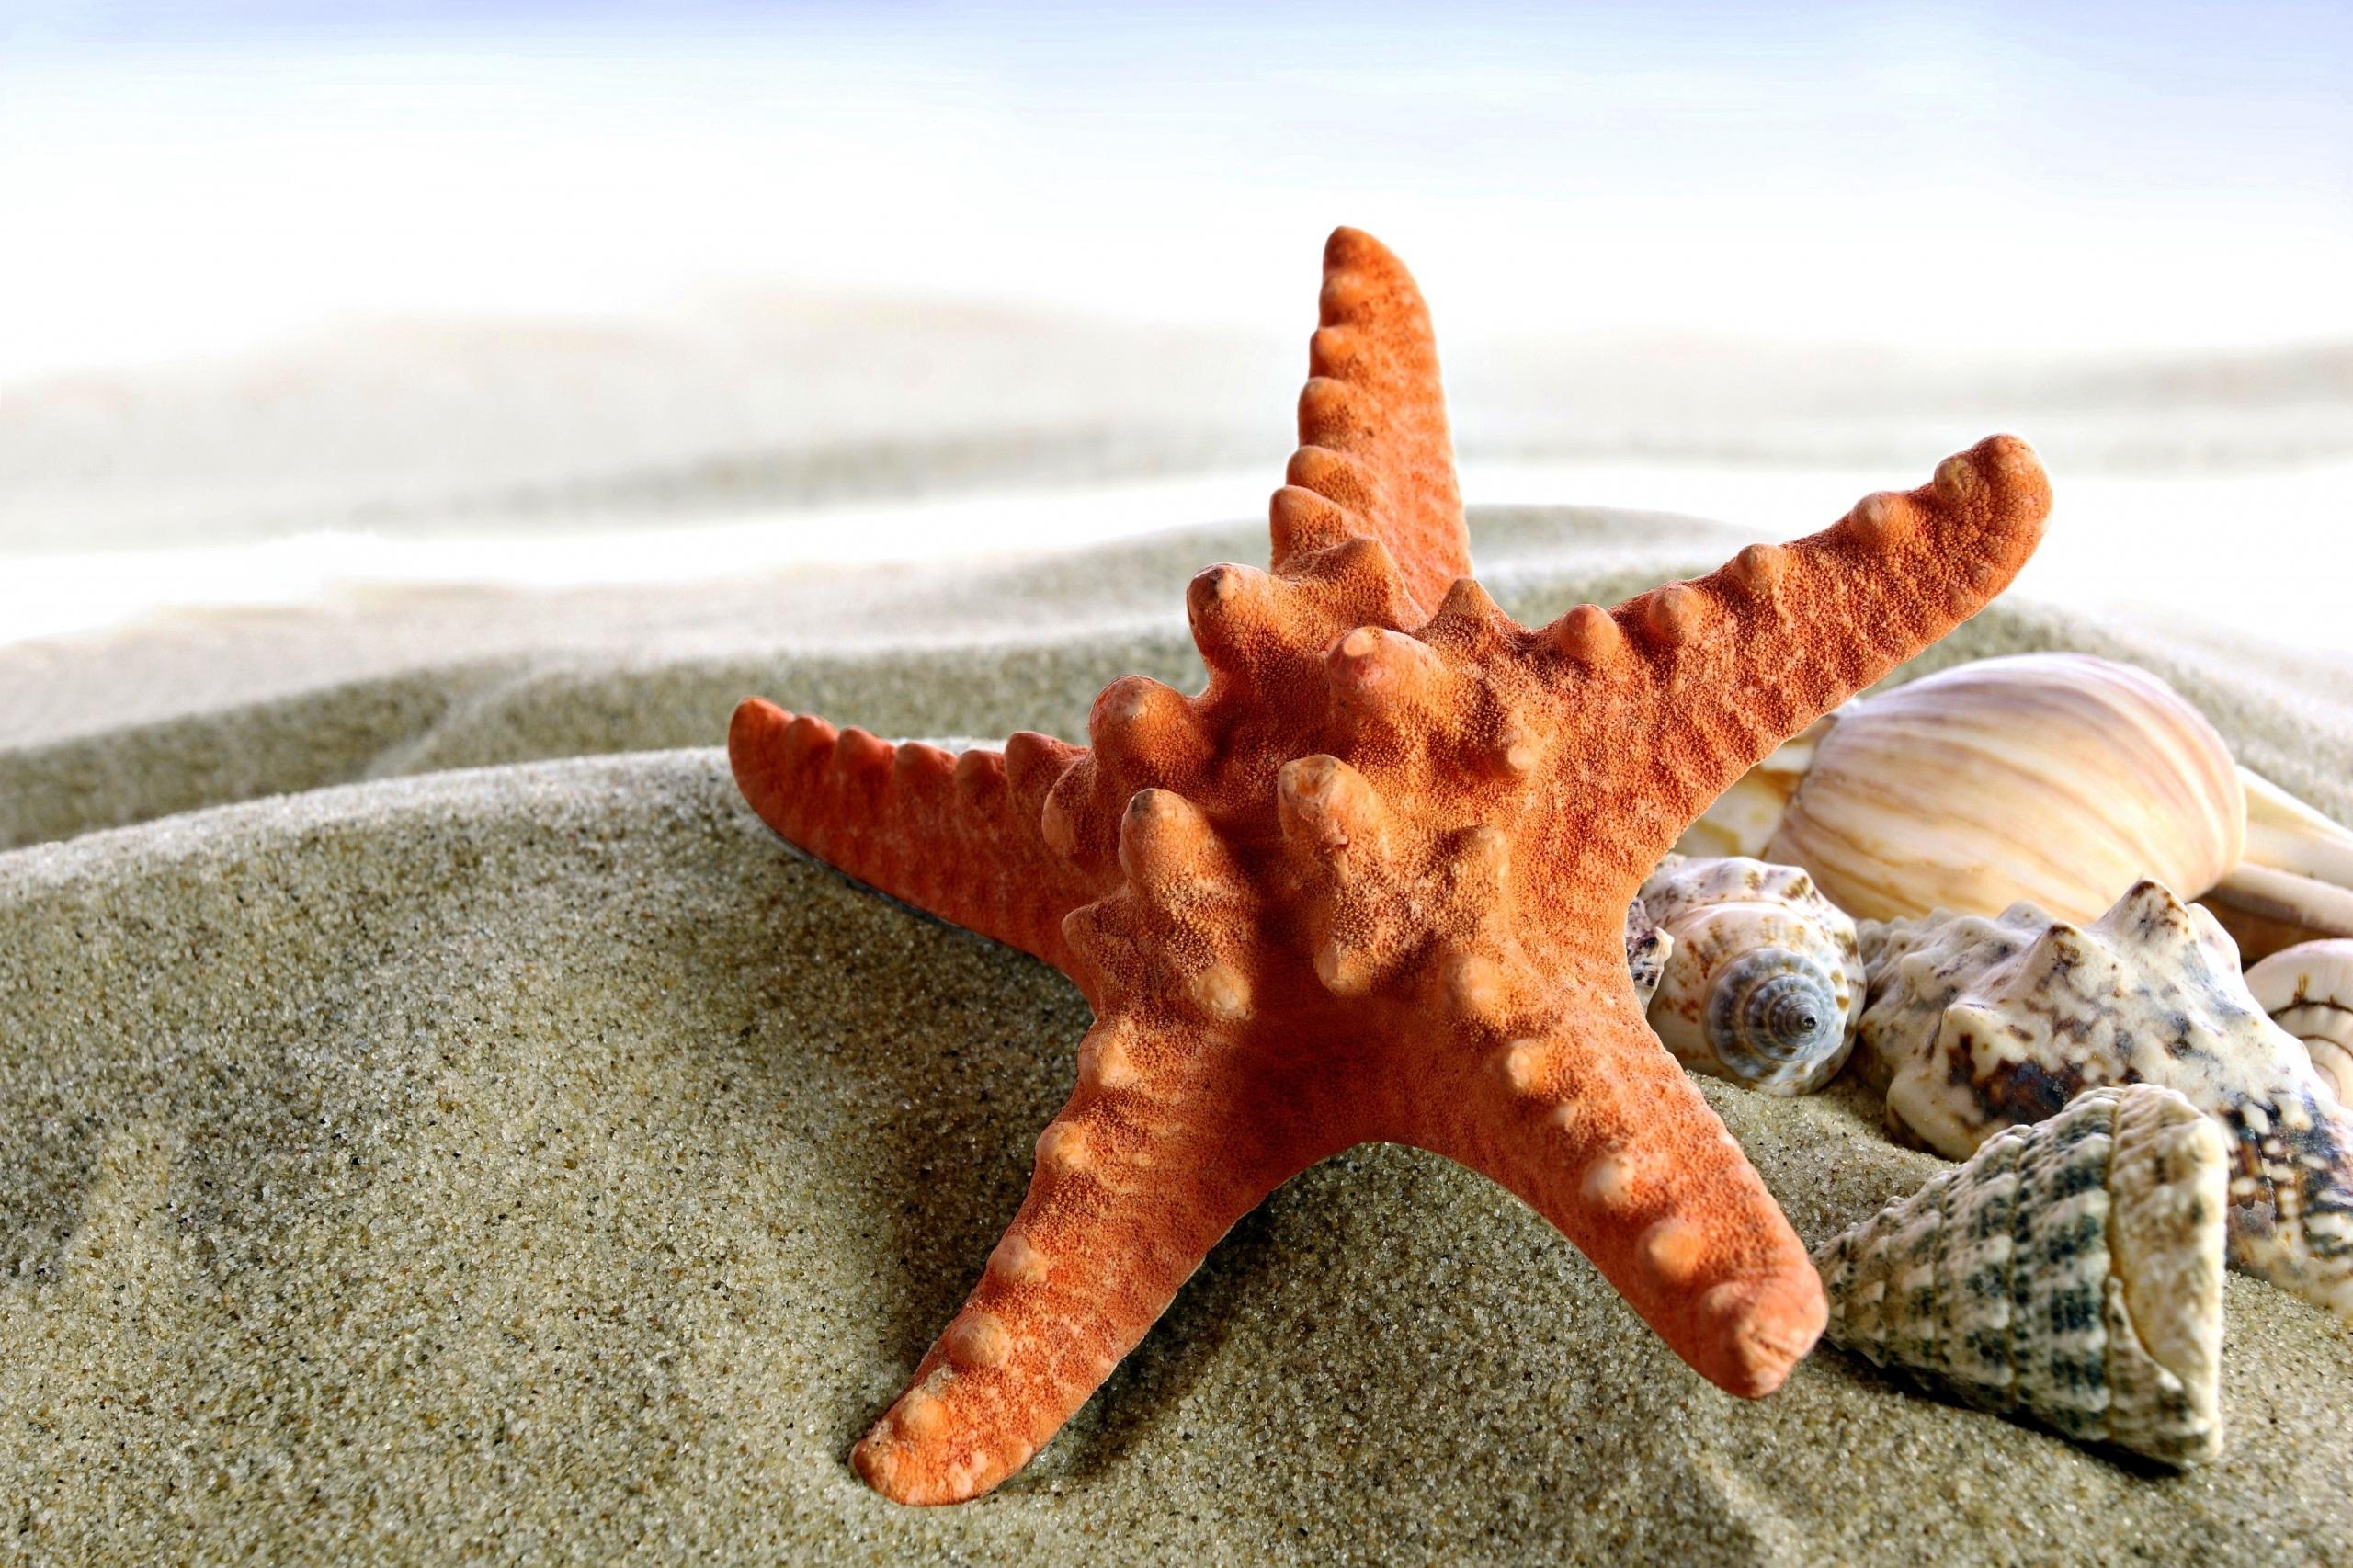 морская звезда песок ракушка без смс